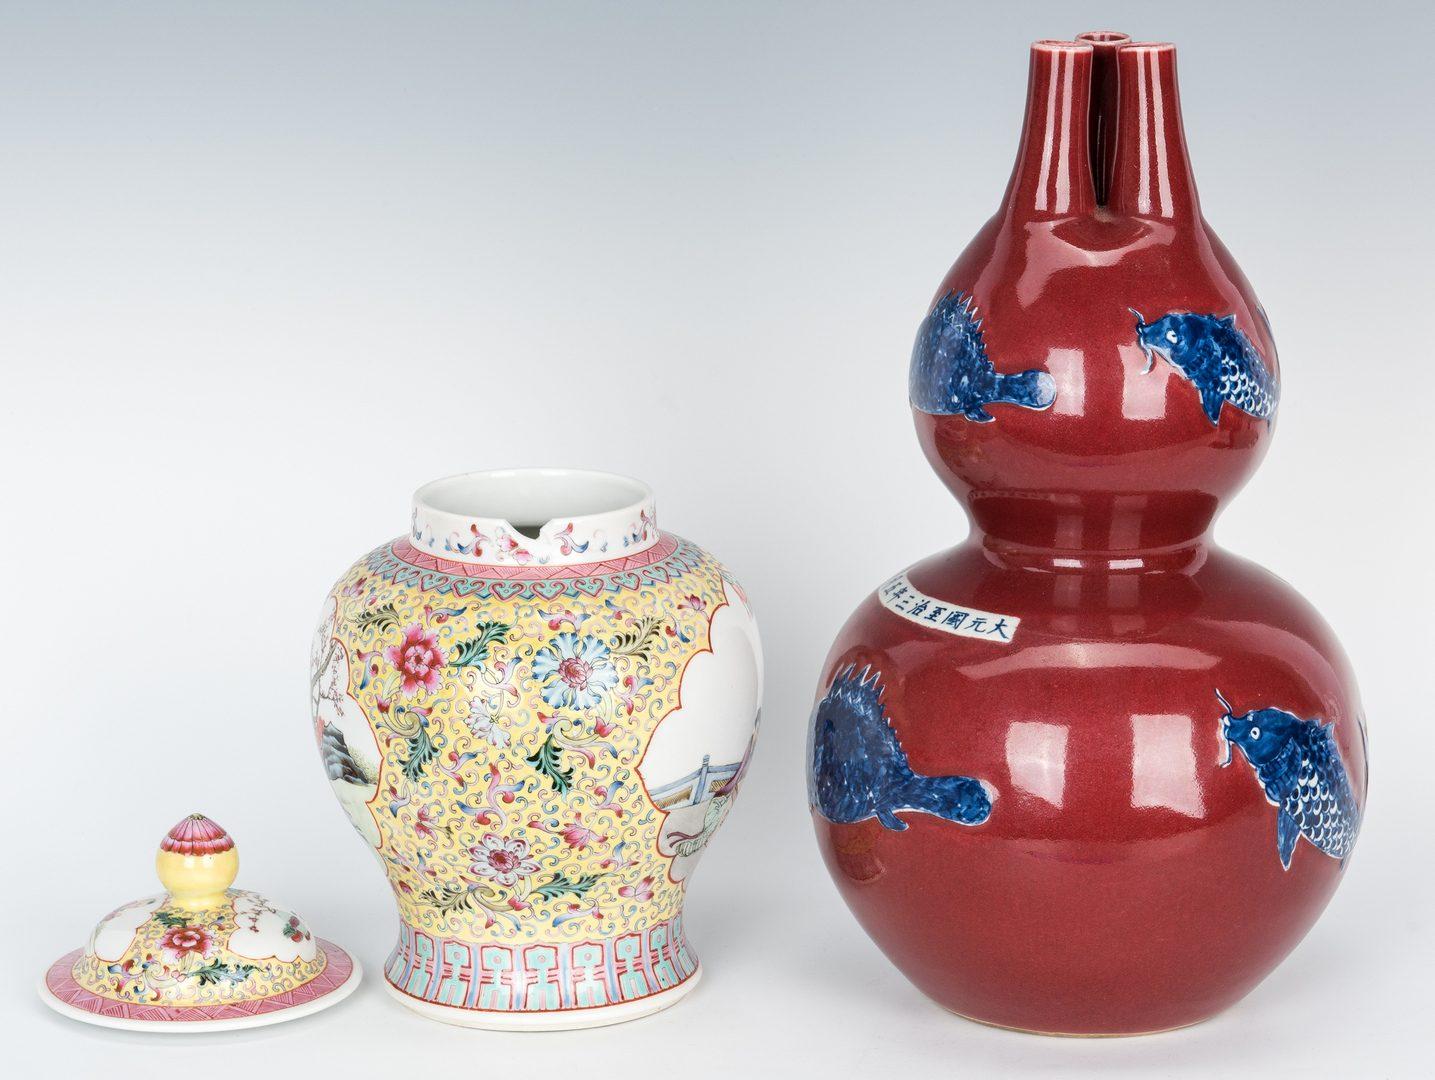 Lot 247: Chinese Porcelain Jar, Gourd Vase & 3 Porcelain Snuff Bottles